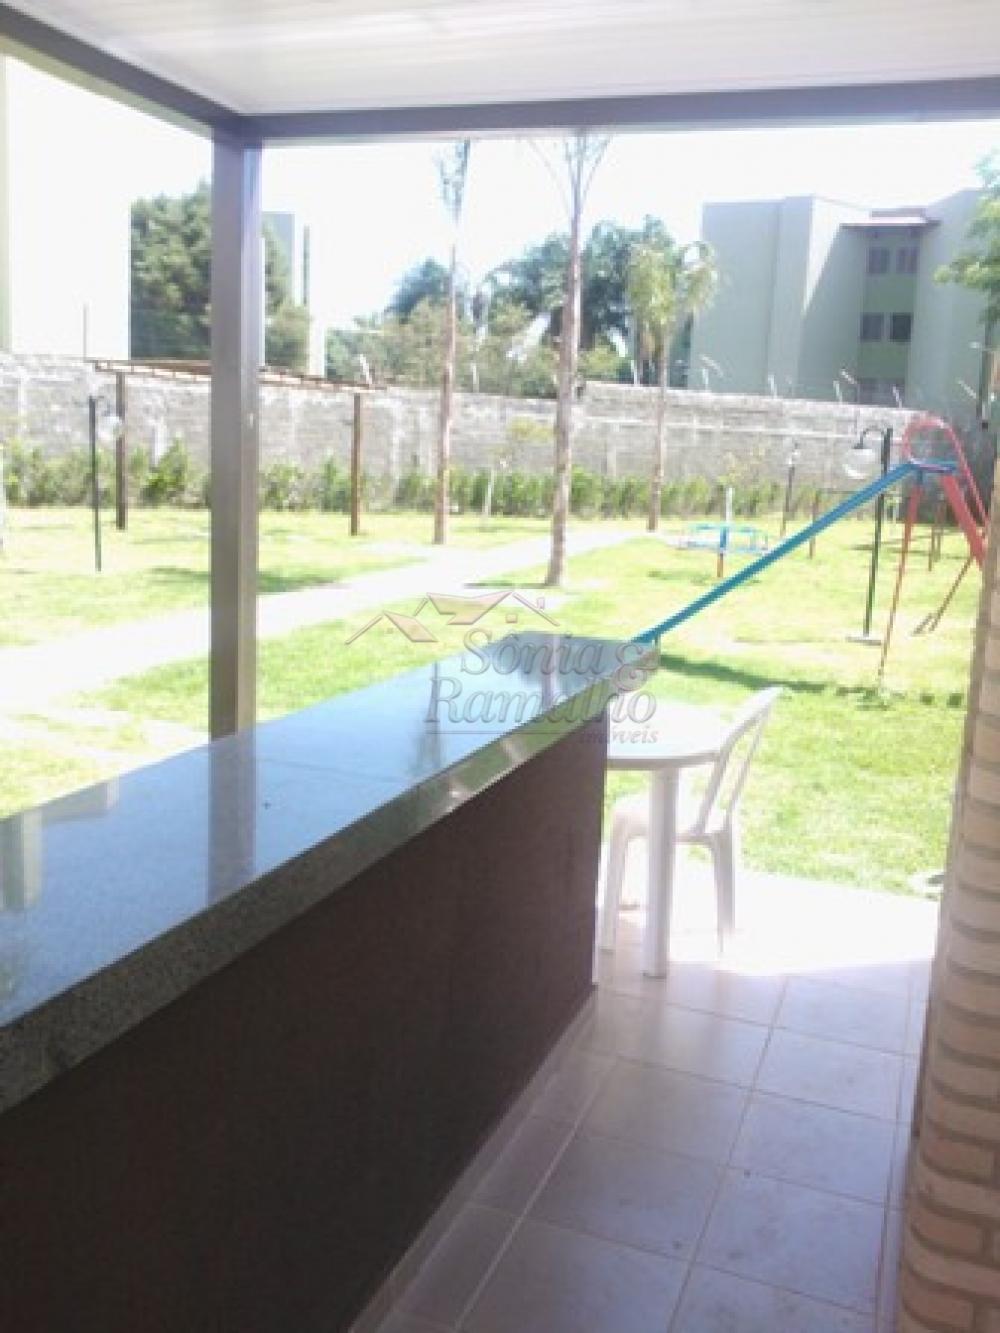 Alugar Apartamentos / Padrão em Ribeirão Preto apenas R$ 750,00 - Foto 3